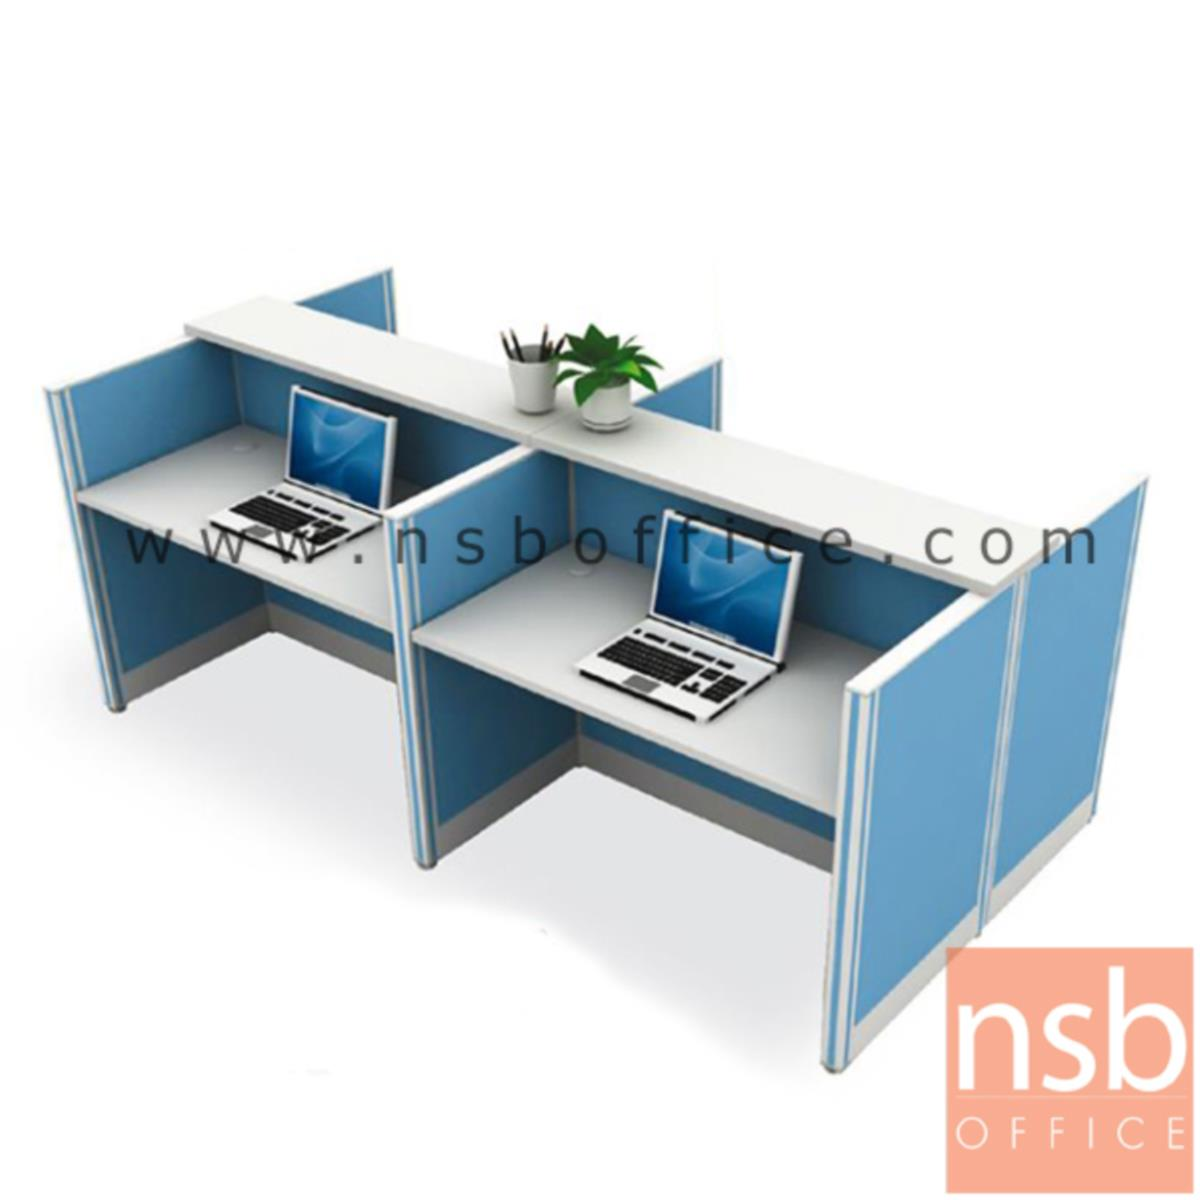 A04A045:ชุดโต๊ะทำงานกลุ่ม 4 ที่นั่ง   ขนาด 258W cm. พร้อม partition